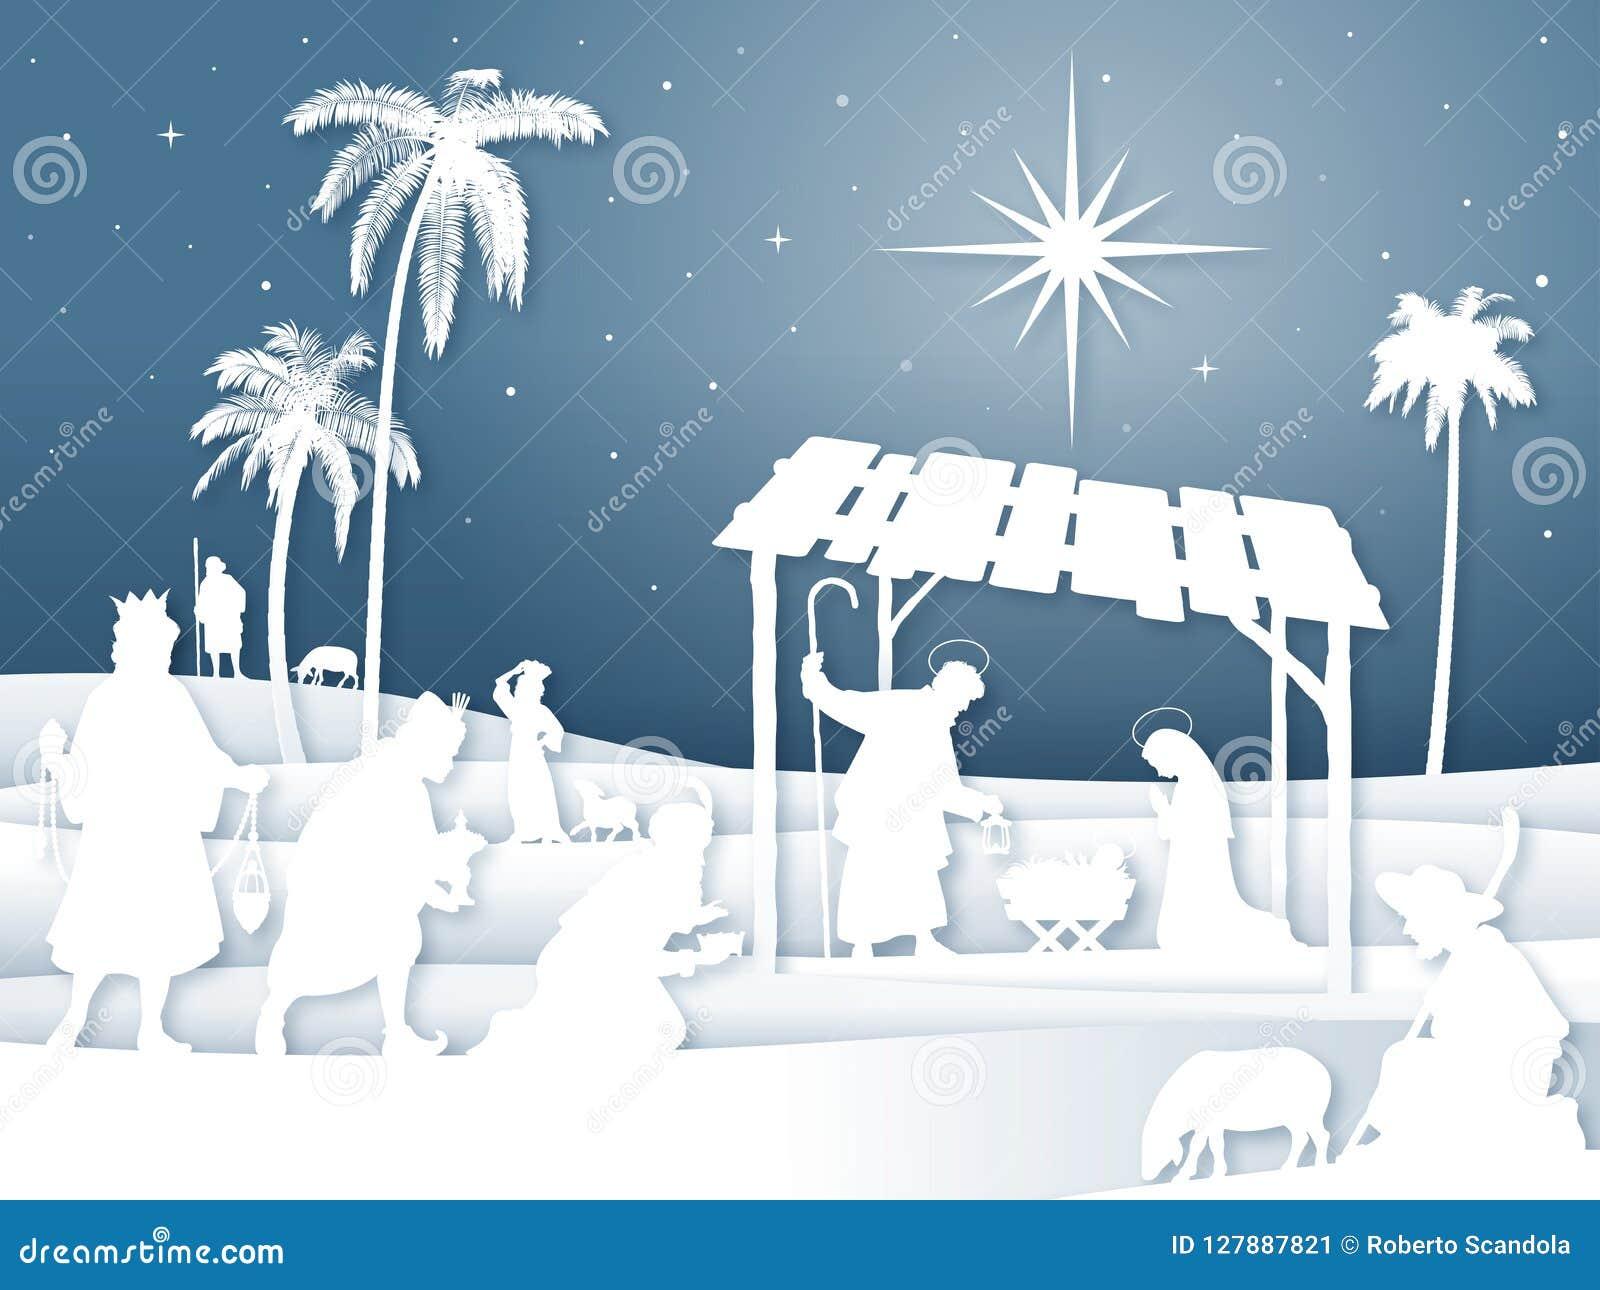 De zachte scène van de Kerstmisgeboorte van christus van het schaduwen Witte Silhouet met Magi